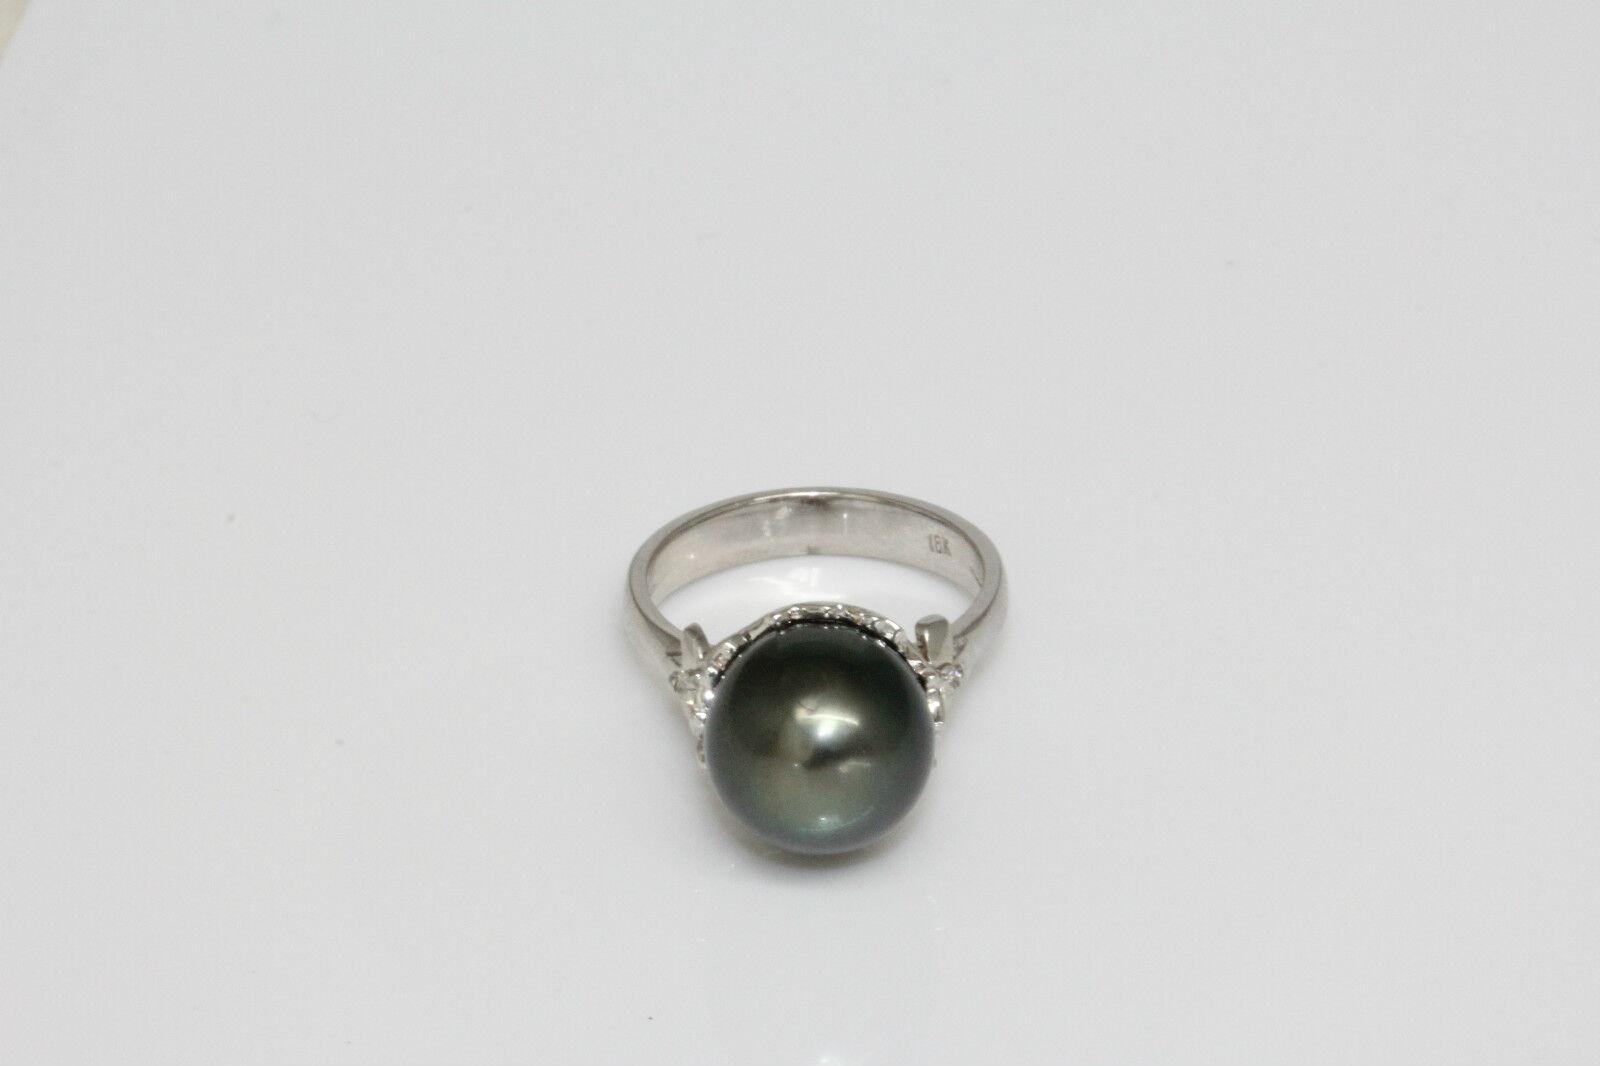 Tahitiana Perla Anello Diamante 18 Kt 11 mm mm mm Nero 8bf0a3